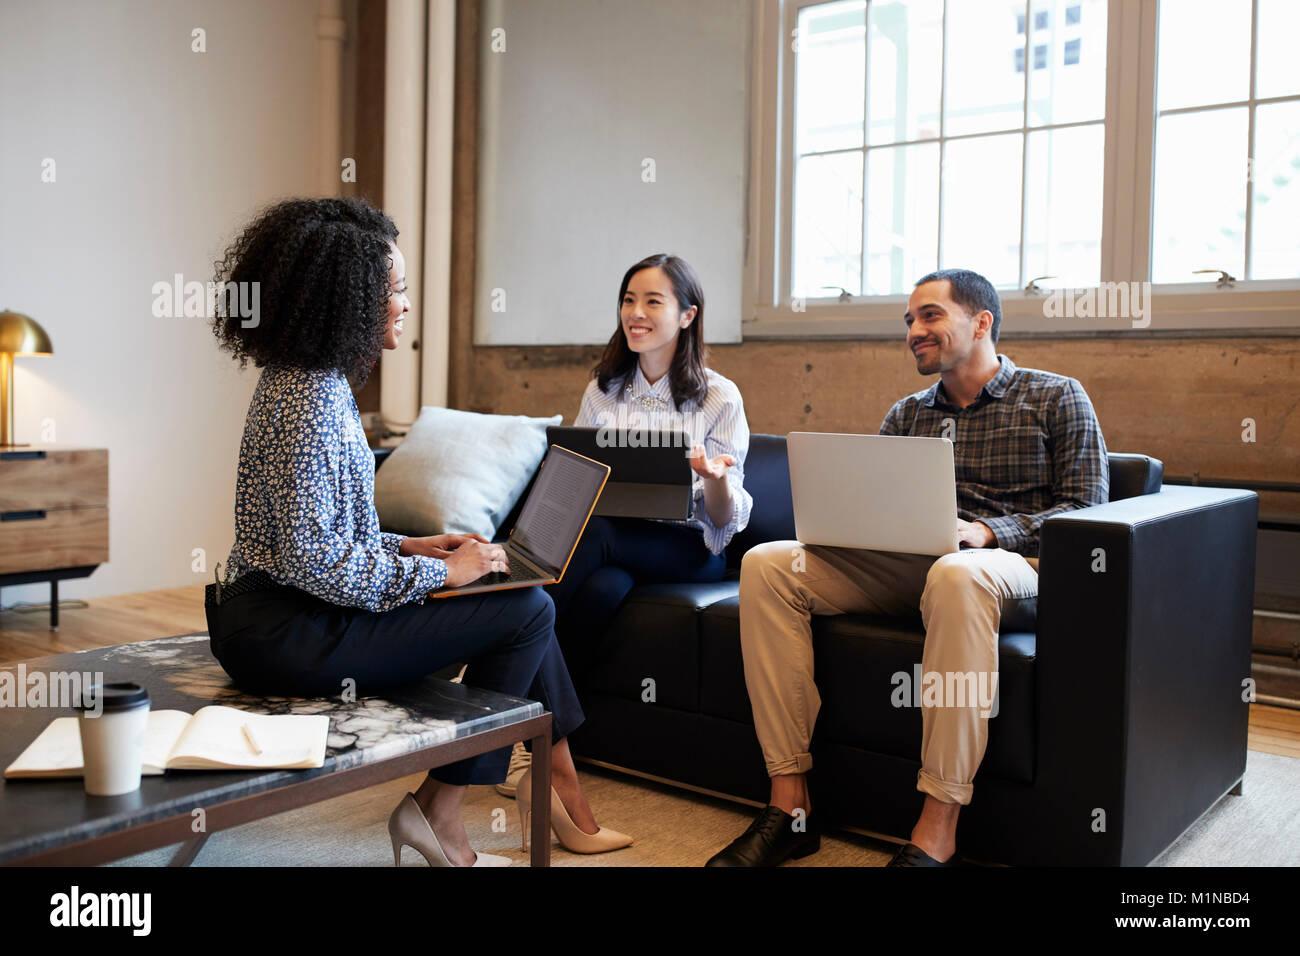 Des collègues de travail avec un ordinateur portable souriant lors d'une réunion décontractée Photo Stock